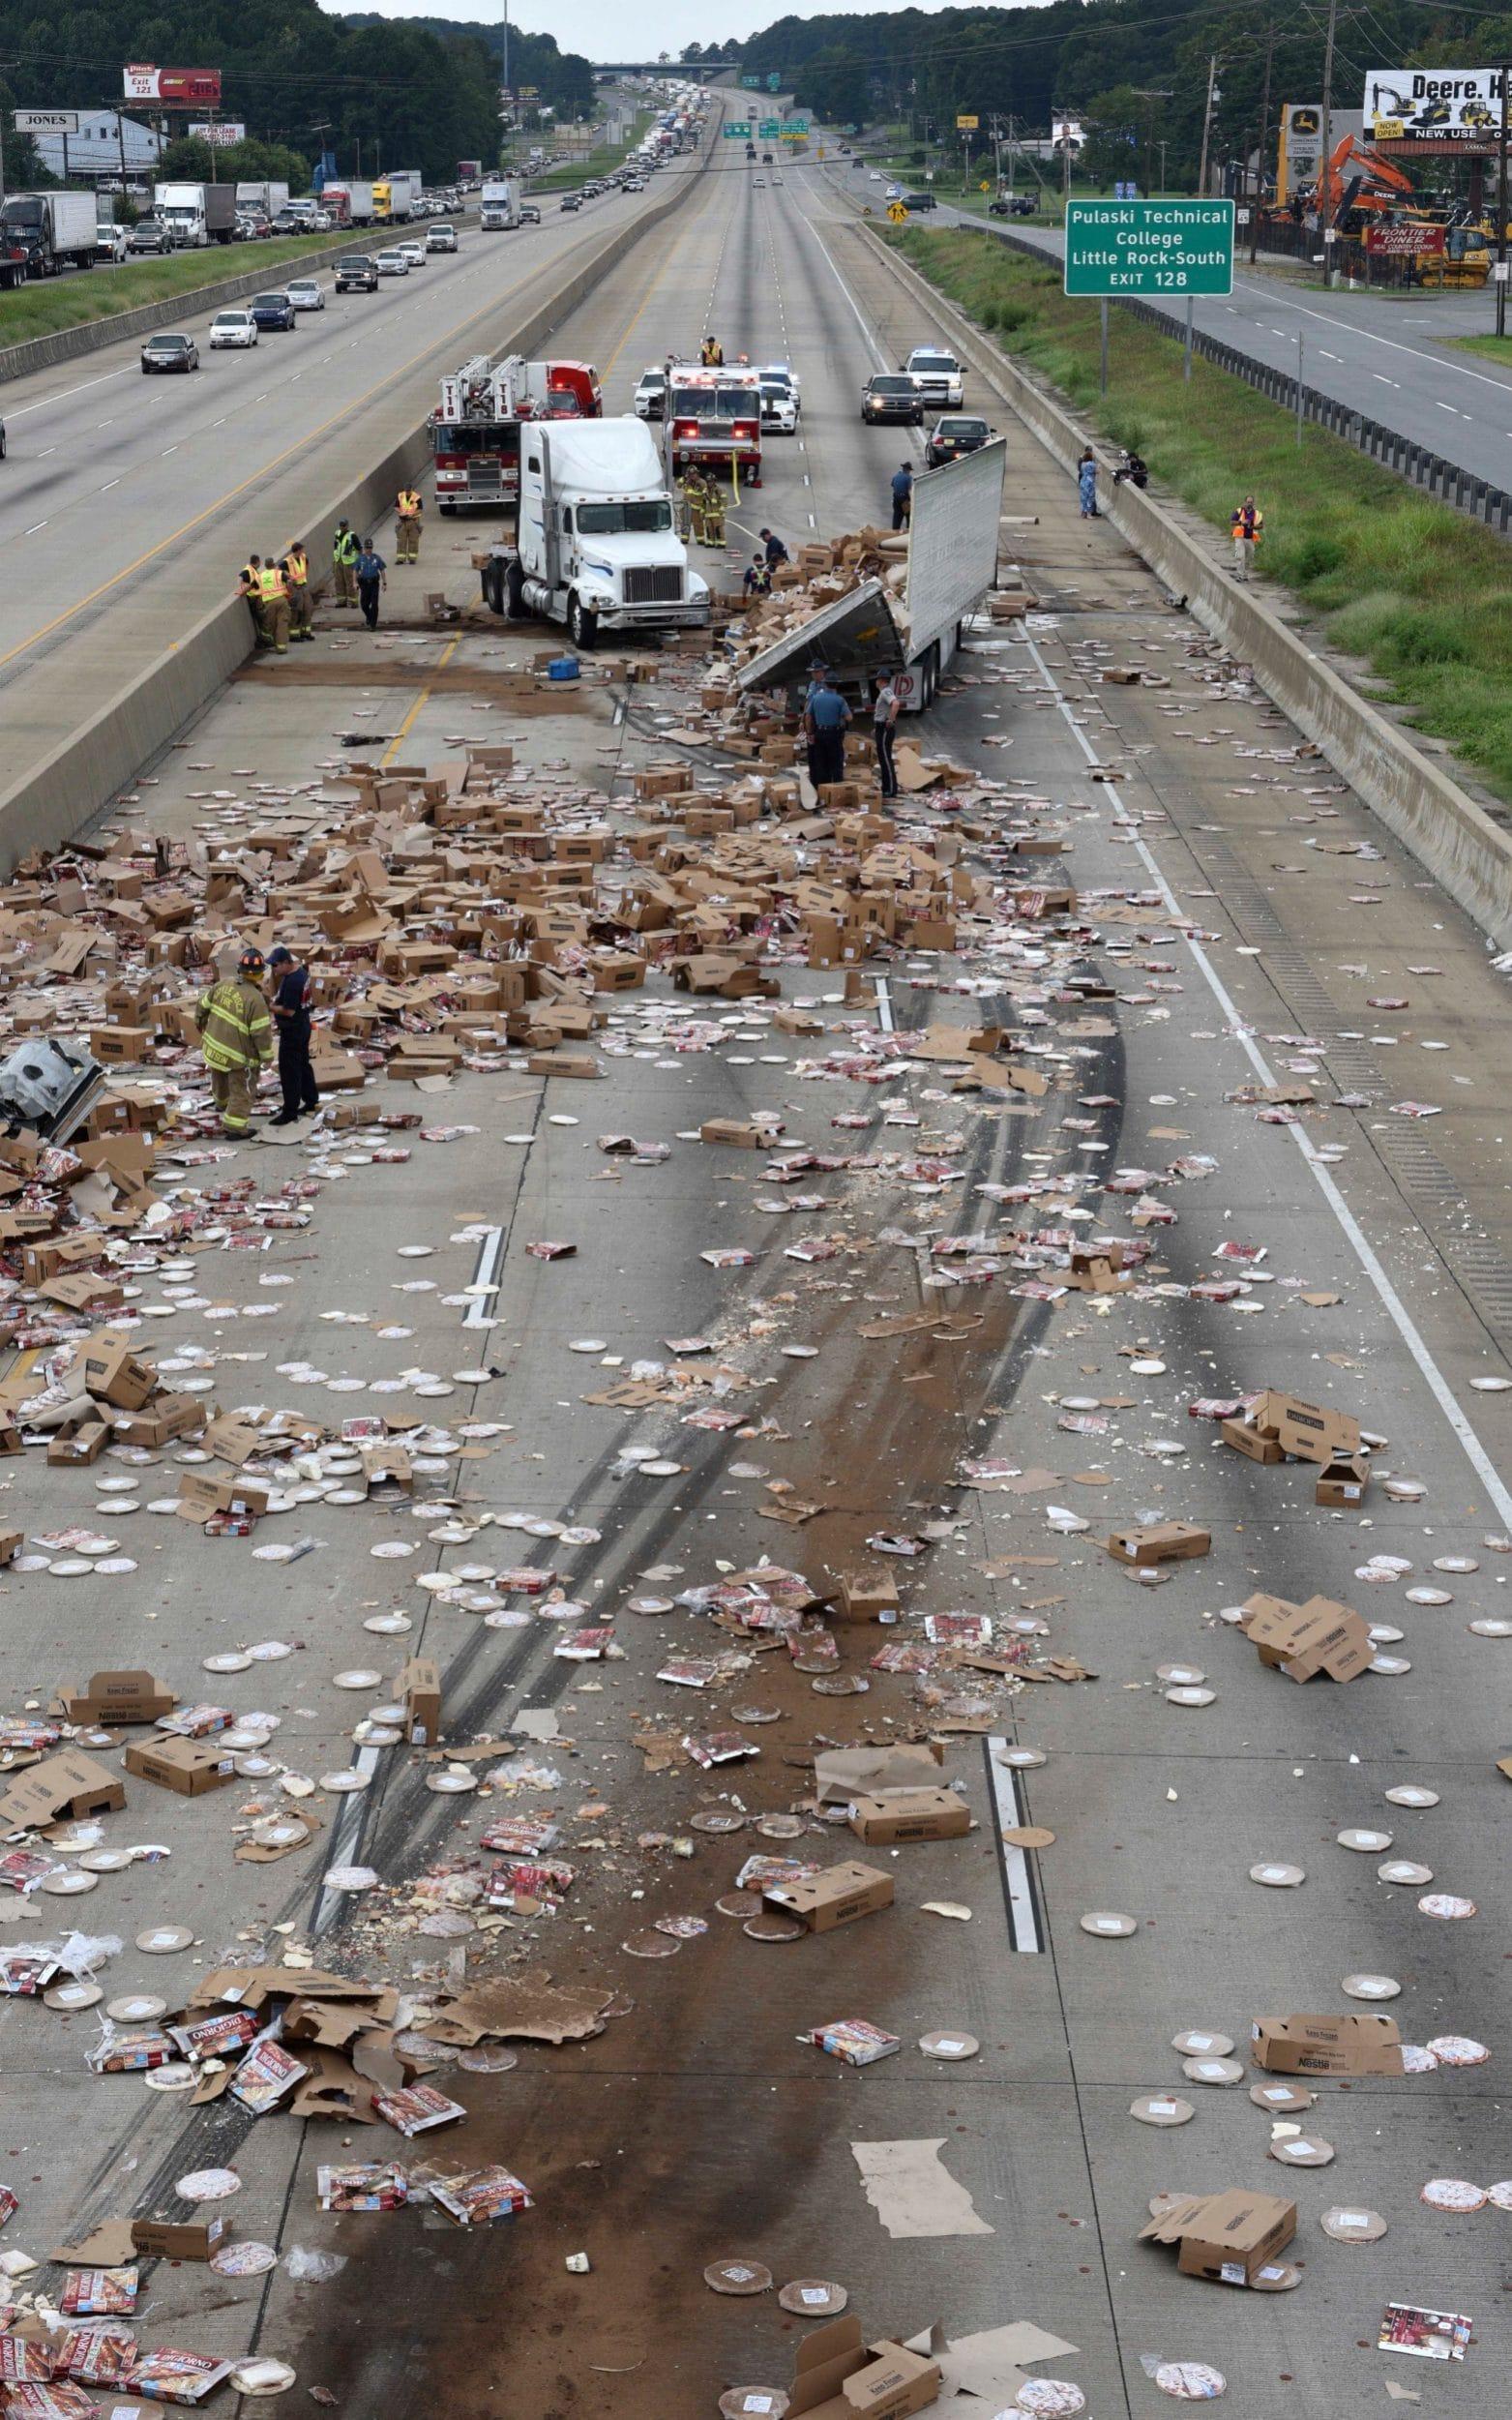 【画像】冷凍ピザを満載したトラックが事故。道路にピザを撒き散らすwwwwwwwwのサムネイル画像